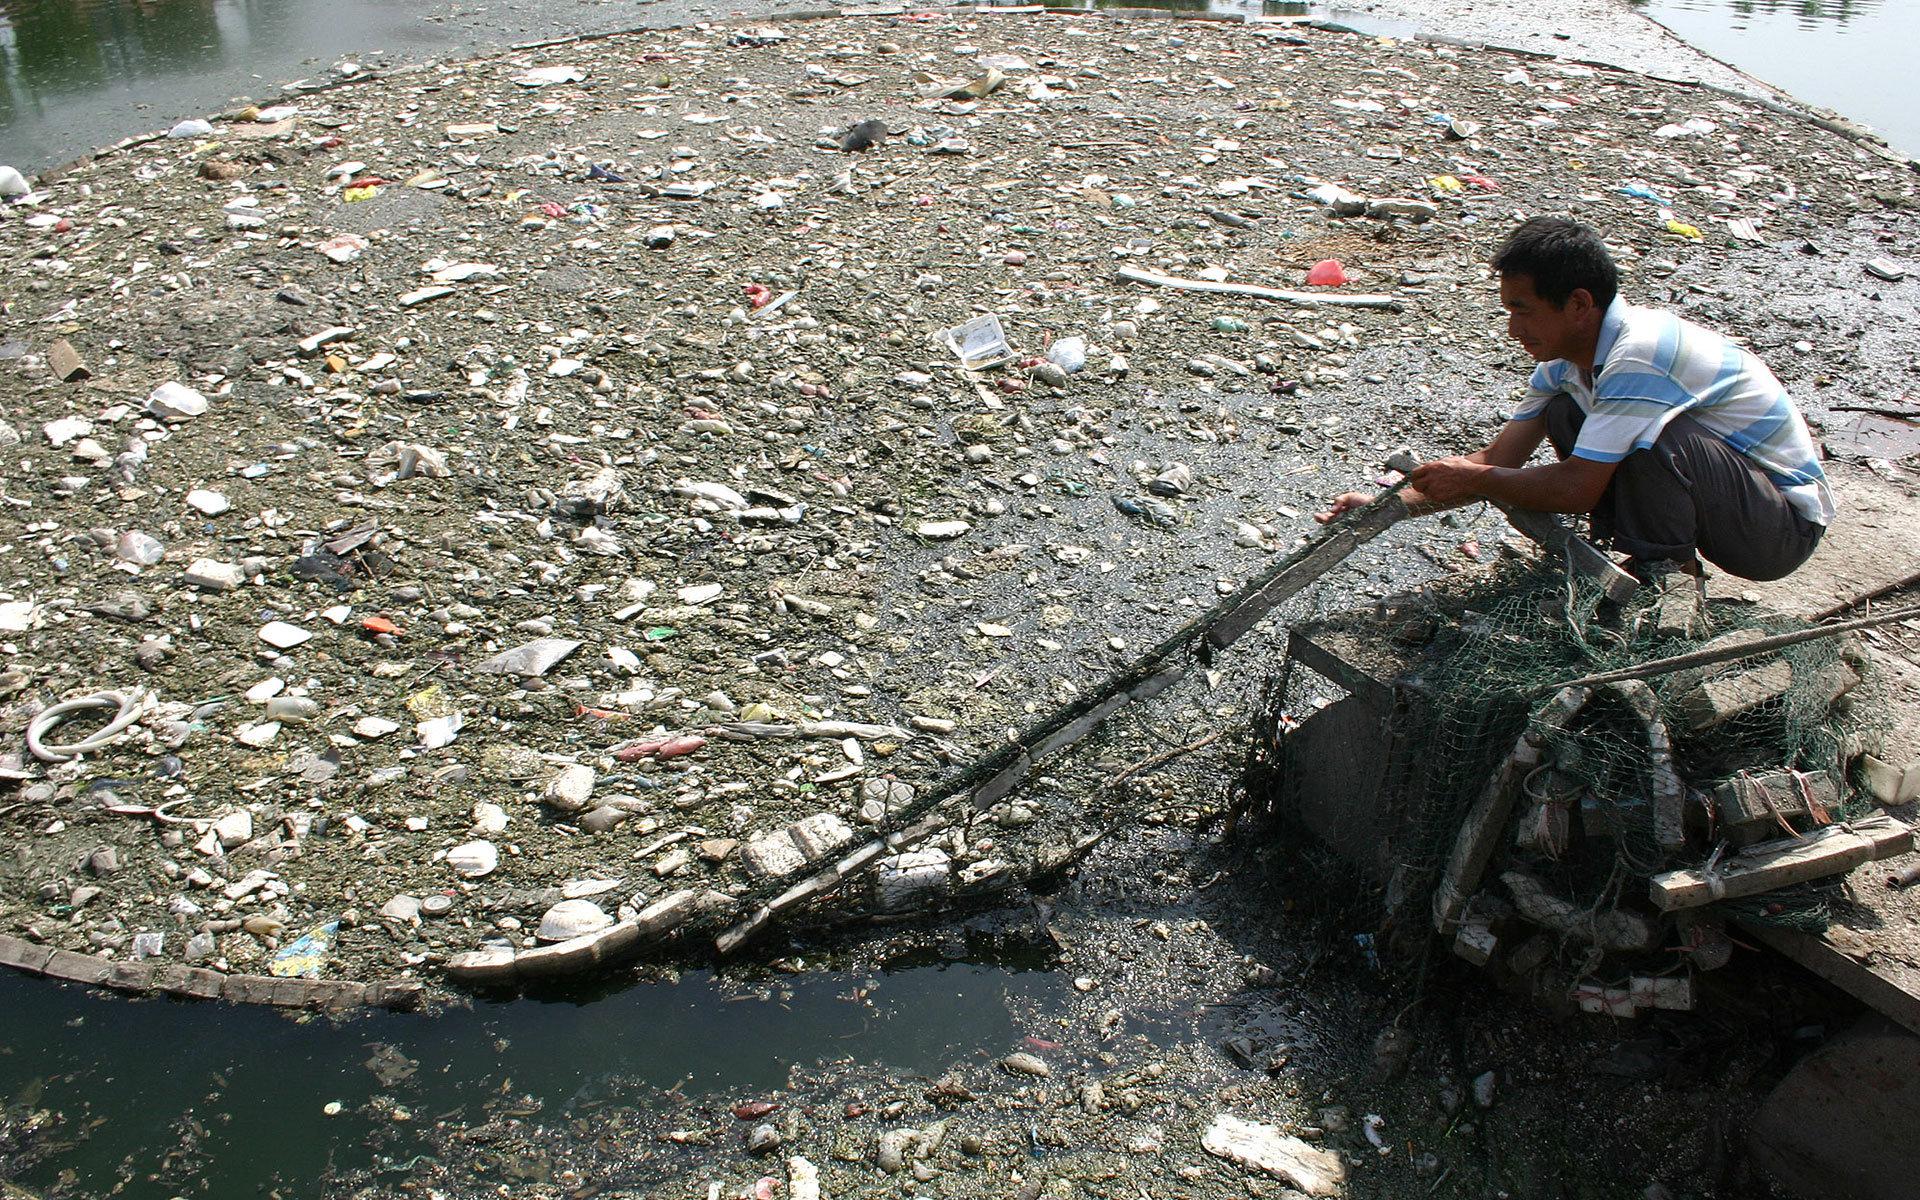 网易回声 | 中国的垃圾焚烧厂不仅不环保 更是污染集中地